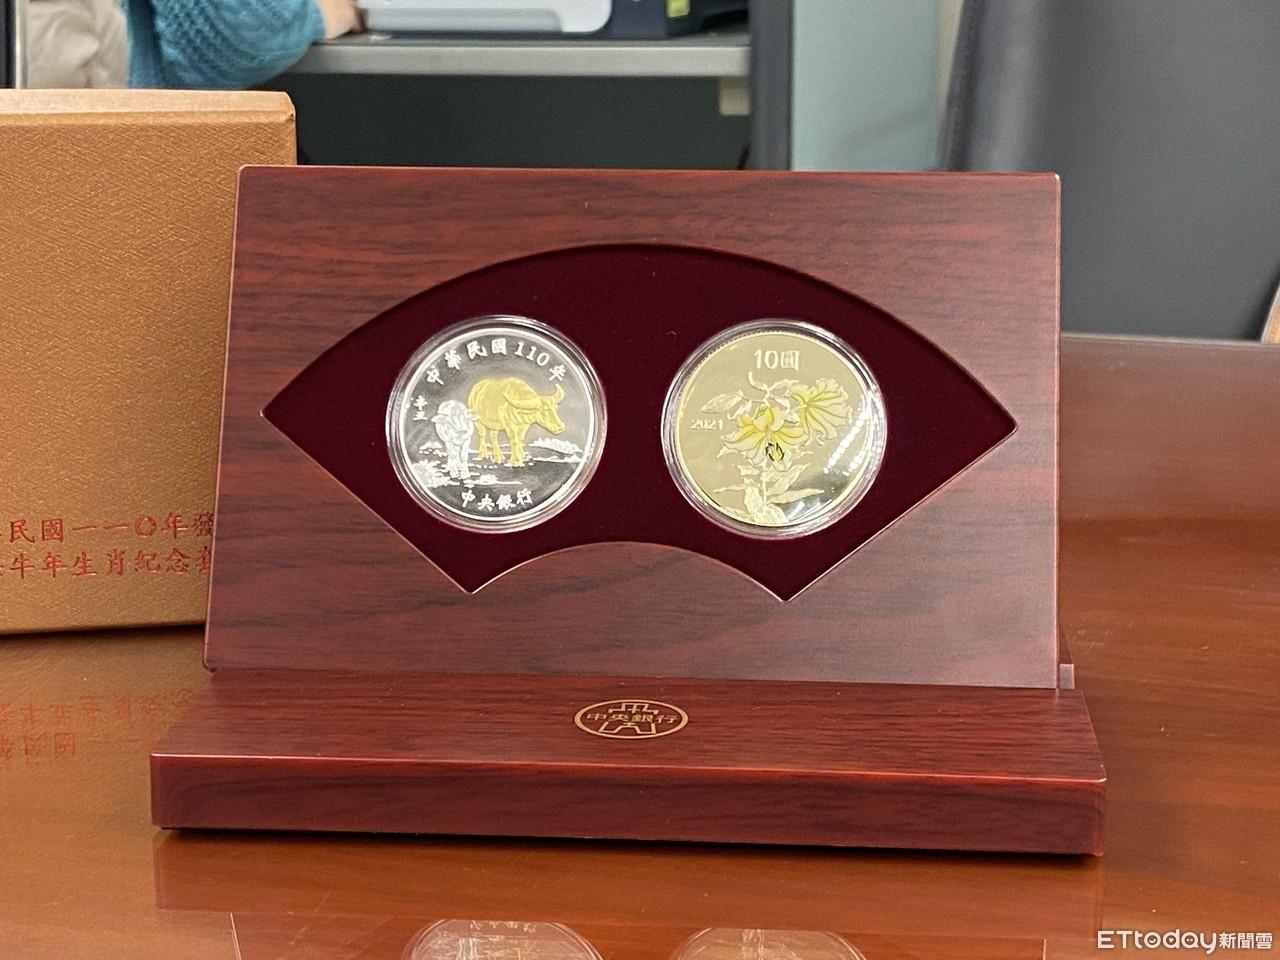 牛年套幣線上申購未達5萬套 央行:人人有獎免抽籤